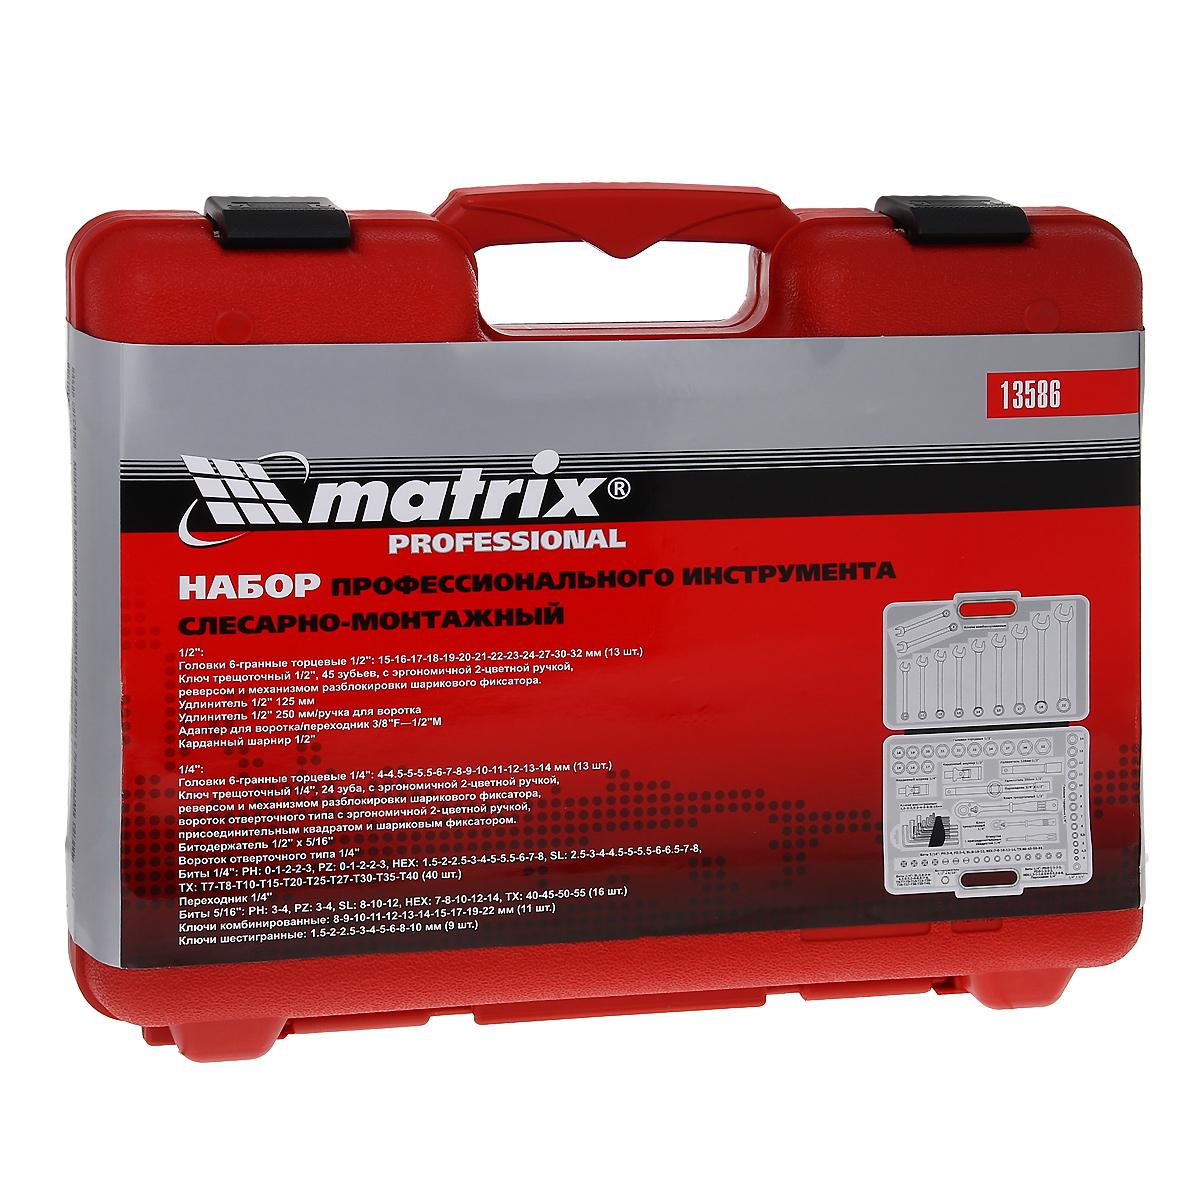 Набор слесарно-монтажный Matrix, 112 предметов98298130Слесарно-монтажный набор Matrix предназначен для монтажа и демонтажа резьбовых соединений. Инструменты выполнены из хромованадиевой стали с хромированным покрытием, что обеспечивает высокое качество и долговечность.Состав набора:1/2:Головки шестигранные торцевые: 15 мм, 16 мм, 17 мм, 18 мм, 19 мм, 20 мм, 21 мм, 22 мм, 23 мм, 24 мм, 27 мм, 30 мм, 32 мм.Ключ трещоточный, 45 зубьев, с эргономичной двухцветной ручкой, реверсом и механизмом разблокировки шарикового фиксатора.Удлинитель 125 мм.Удлинитель 250 мм/ручка для воротка.Адаптер для воротка/переходник 3/8F-1/2M.Карданный шарнир.1/4:Головки шестигранные торцевые: 4 мм, 4,5 мм, 5 мм, 5,5 мм, 6 мм, 7 мм, 8 мм, 9 мм, 10 мм, 11 мм, 12 мм, 13 мм, 14 мм.Ключ трещоточный, 24 зуба, с эргономичной двухцветной ручкой, реверсом и механизмом разблокировки шарикового фиксатора.Вороток отверточного типа с эргономичной двухцветной ручкой, присоединительным квадратом и шариковым фиксатором.Битодержатель 1/2 х 5/16.Вороток отверточного типа.Биты: PH0, PH1, PH2 x 2, PH3, PZ0, PZ1, PZ2 x 2, PZ3, Hex1,5, Hex2, Hex2,5, Hex3, Hex4, Hex5, Hex5,5, Hex6, Hex7, Hex8, SL2,5, SL3, SL4, SL4,5, SL5, SL5,5 SL6, SL6,5, SL7, SL8, T7, T8, T10, T15, T20, T25, T27, T30, T35, T40.Переходник.Биты 5/16: PH3, PH4, PZ3, PZ4, SL8, SL10, SL12, Hex7, Hex8, Hex10, Hex12, Hex14, T40, T45, T50, T55.Ключи комбинированные: 8 мм, 9 мм, 10 мм, 11 мм, 12 мм. 13 мм, 14 мм, 15 мм, 17 мм, 19 мм, 22 мм.Ключи шестигранные: 1,5 мм, 2 мм, 2,5 мм, 3 мм, 4 мм, 5 мм, 6 мм, 8 мм, 10 мм.